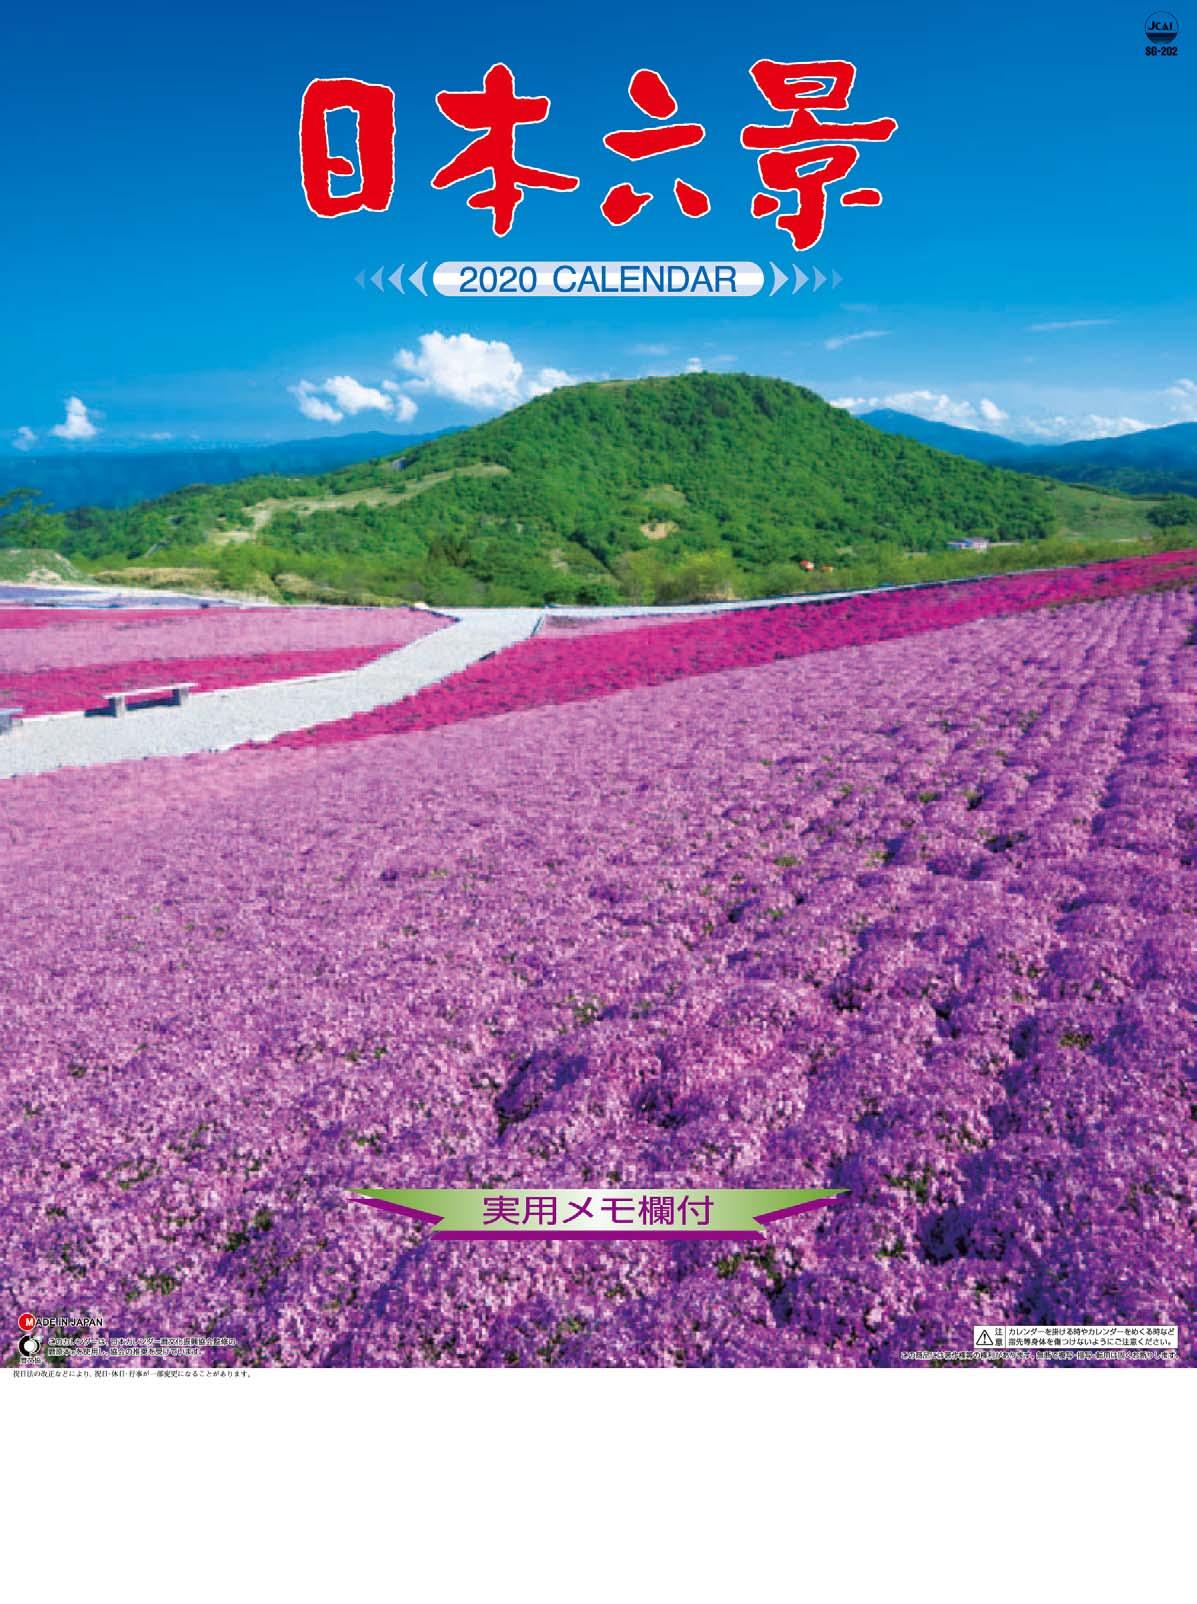 表紙 日本六景 2020年カレンダーの画像